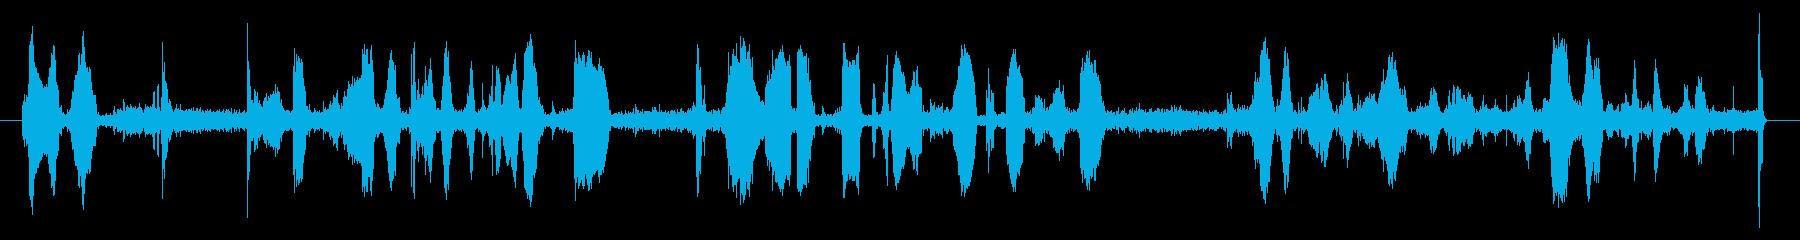 POLICE RADIO CALL...の再生済みの波形